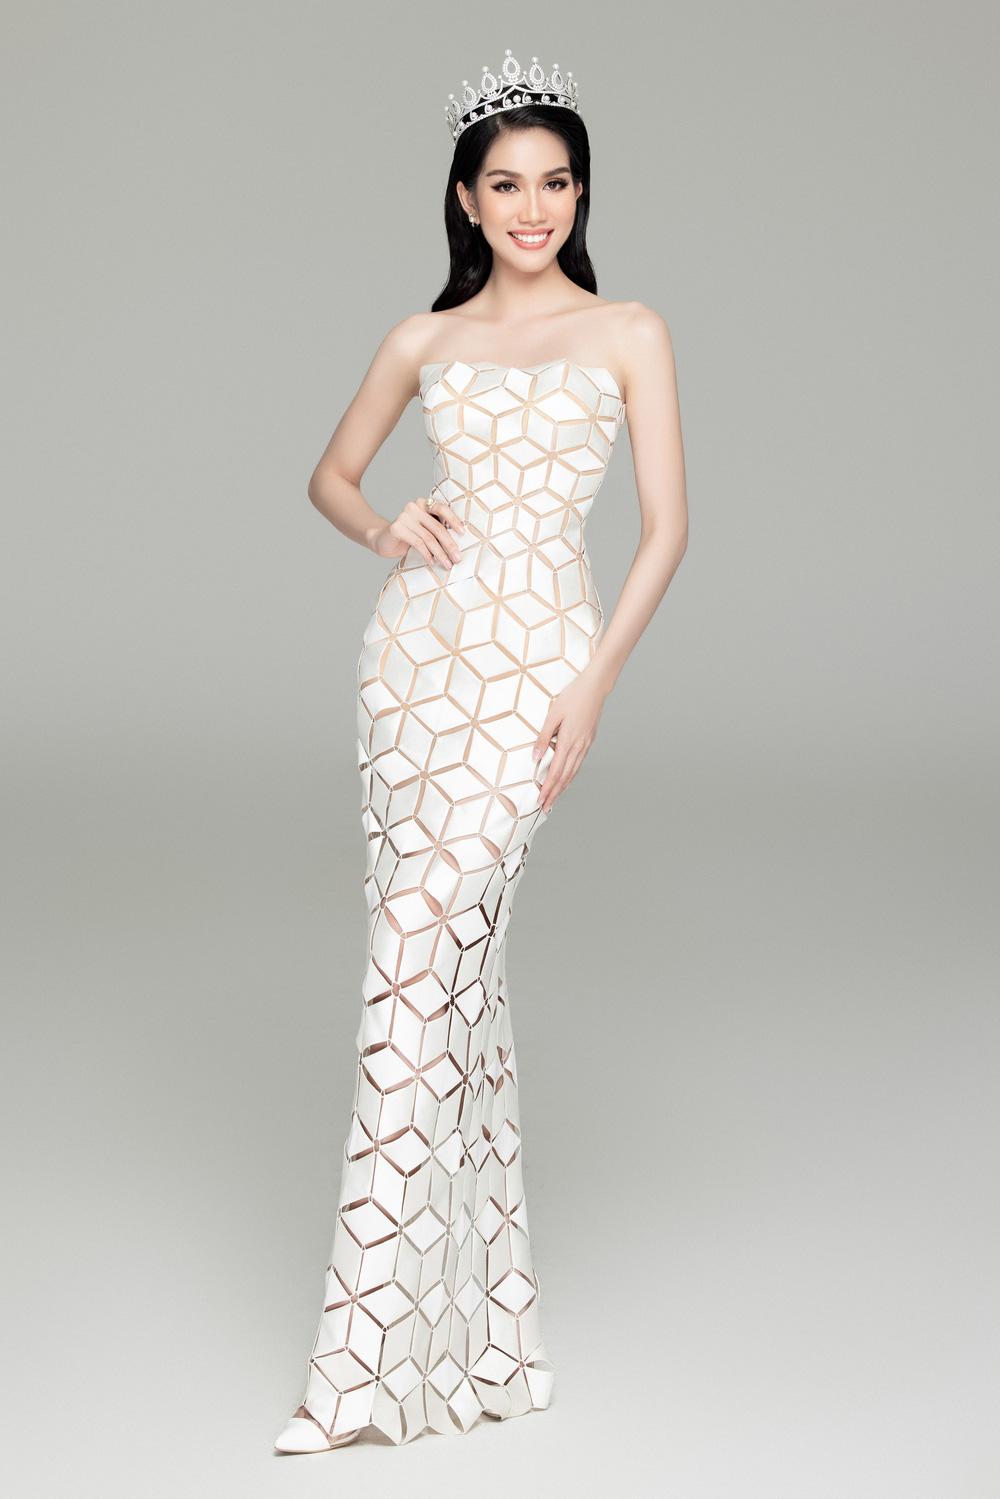 Hoa hậu Đỗ Thị Hà đọ sắc bên hai Á hậu sau 1 tháng đăng quang - Ảnh 11.